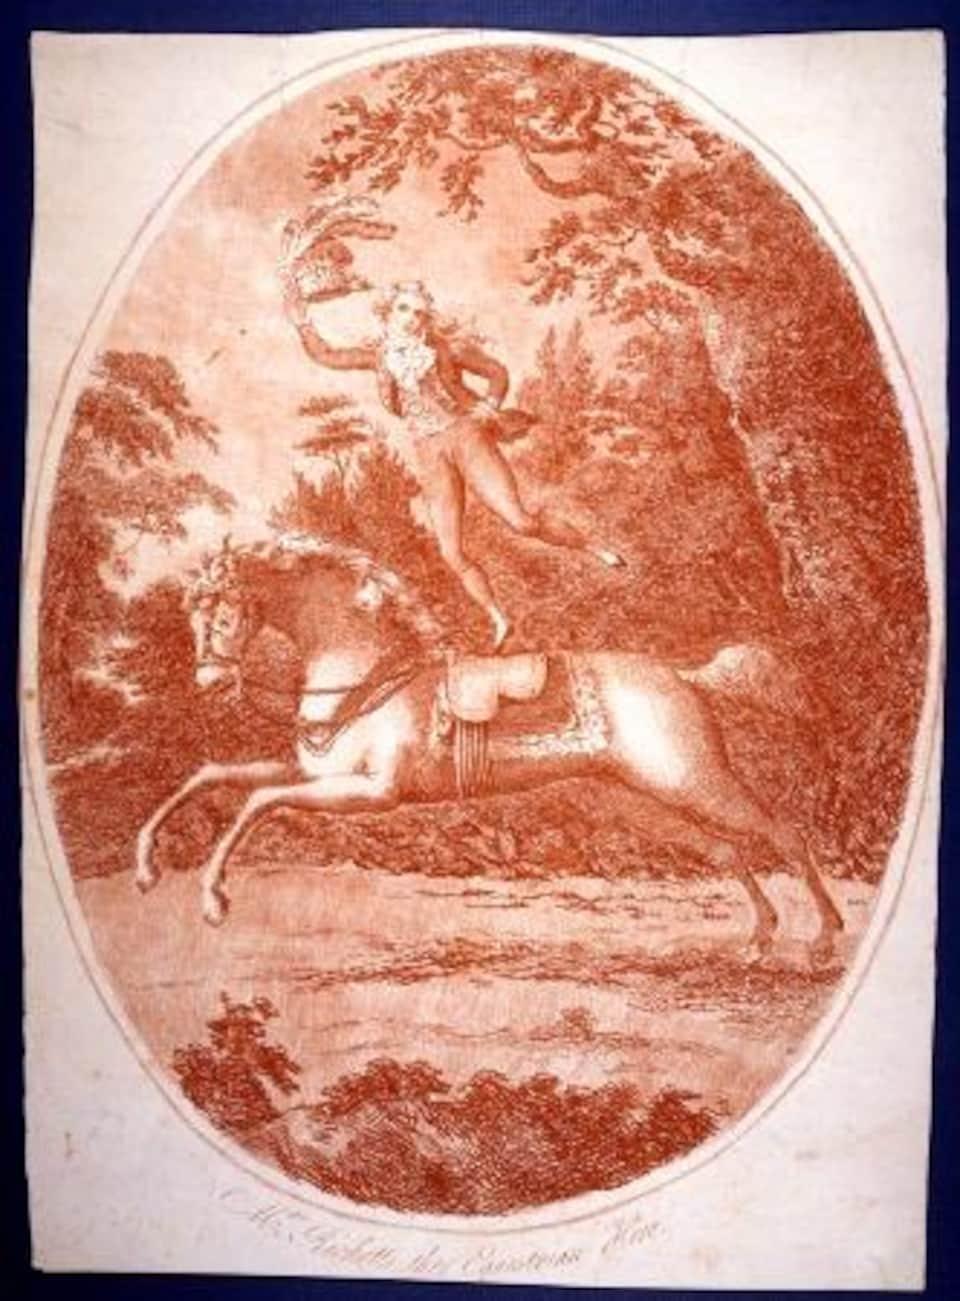 Gravure datée d'environ 1800 représentant John Bill Ricketts debout sur un cheval galopant